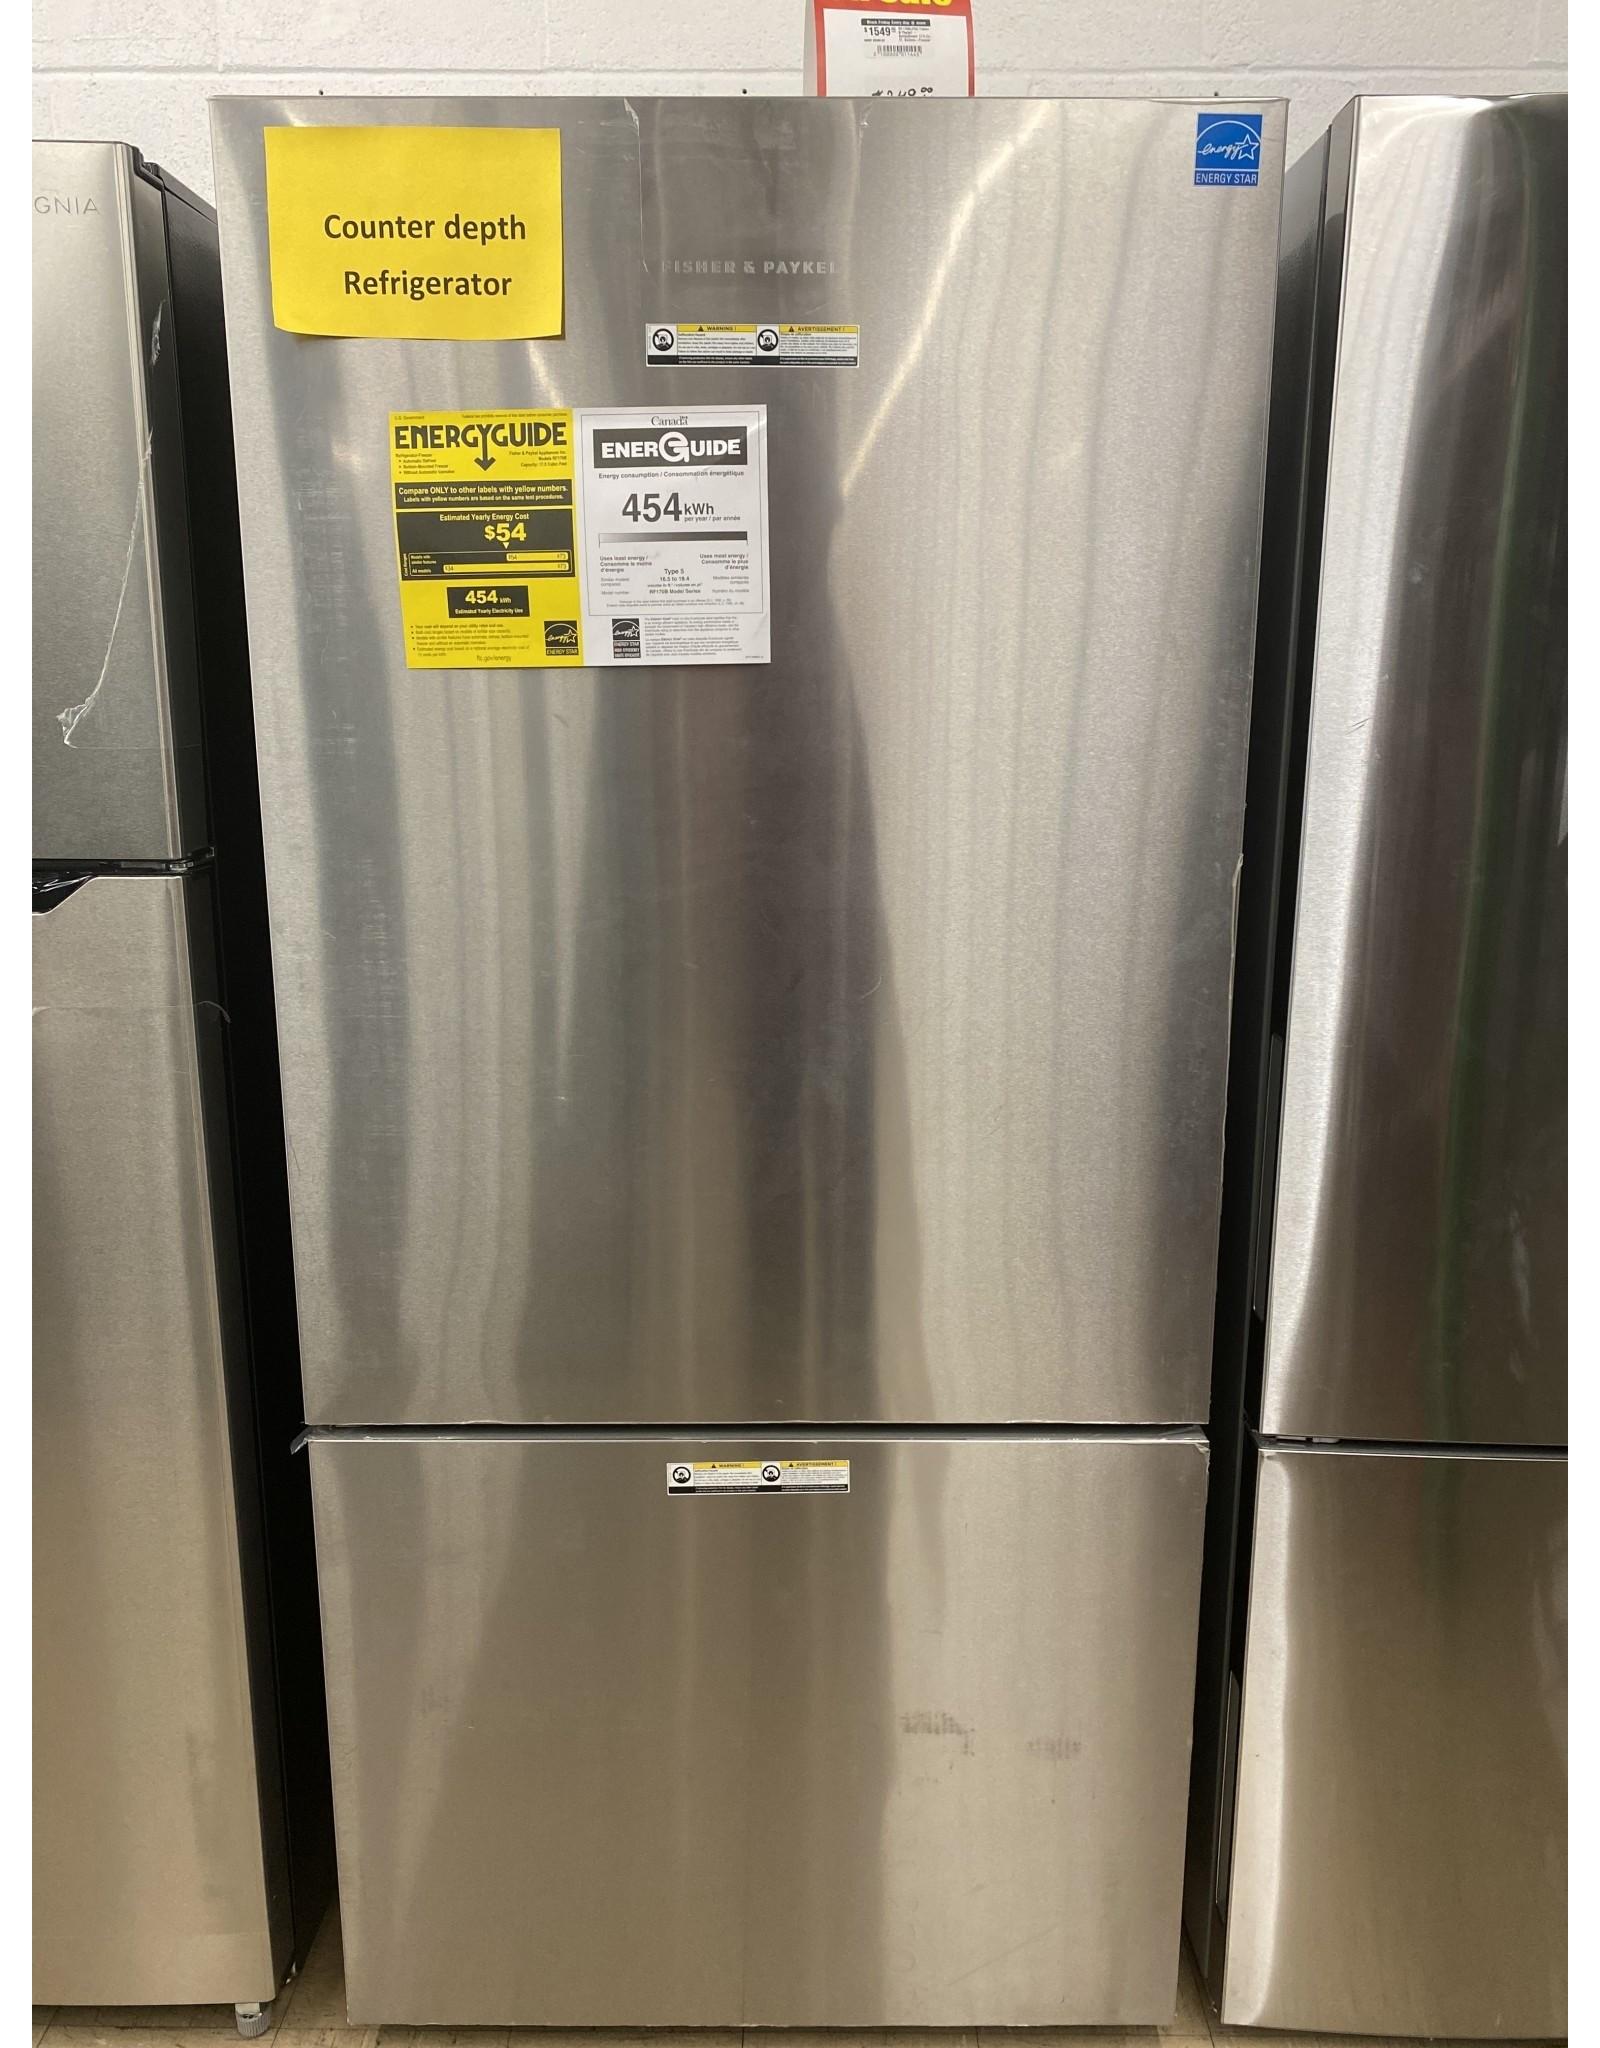 Fisher & Paykel RF170BLPX6 Fisher & Paykel - ActiveSmart 17.5 Cu. Ft. Bottom-Freezer Counter-Depth Refrigerator - Ezkleen Stainless Steel